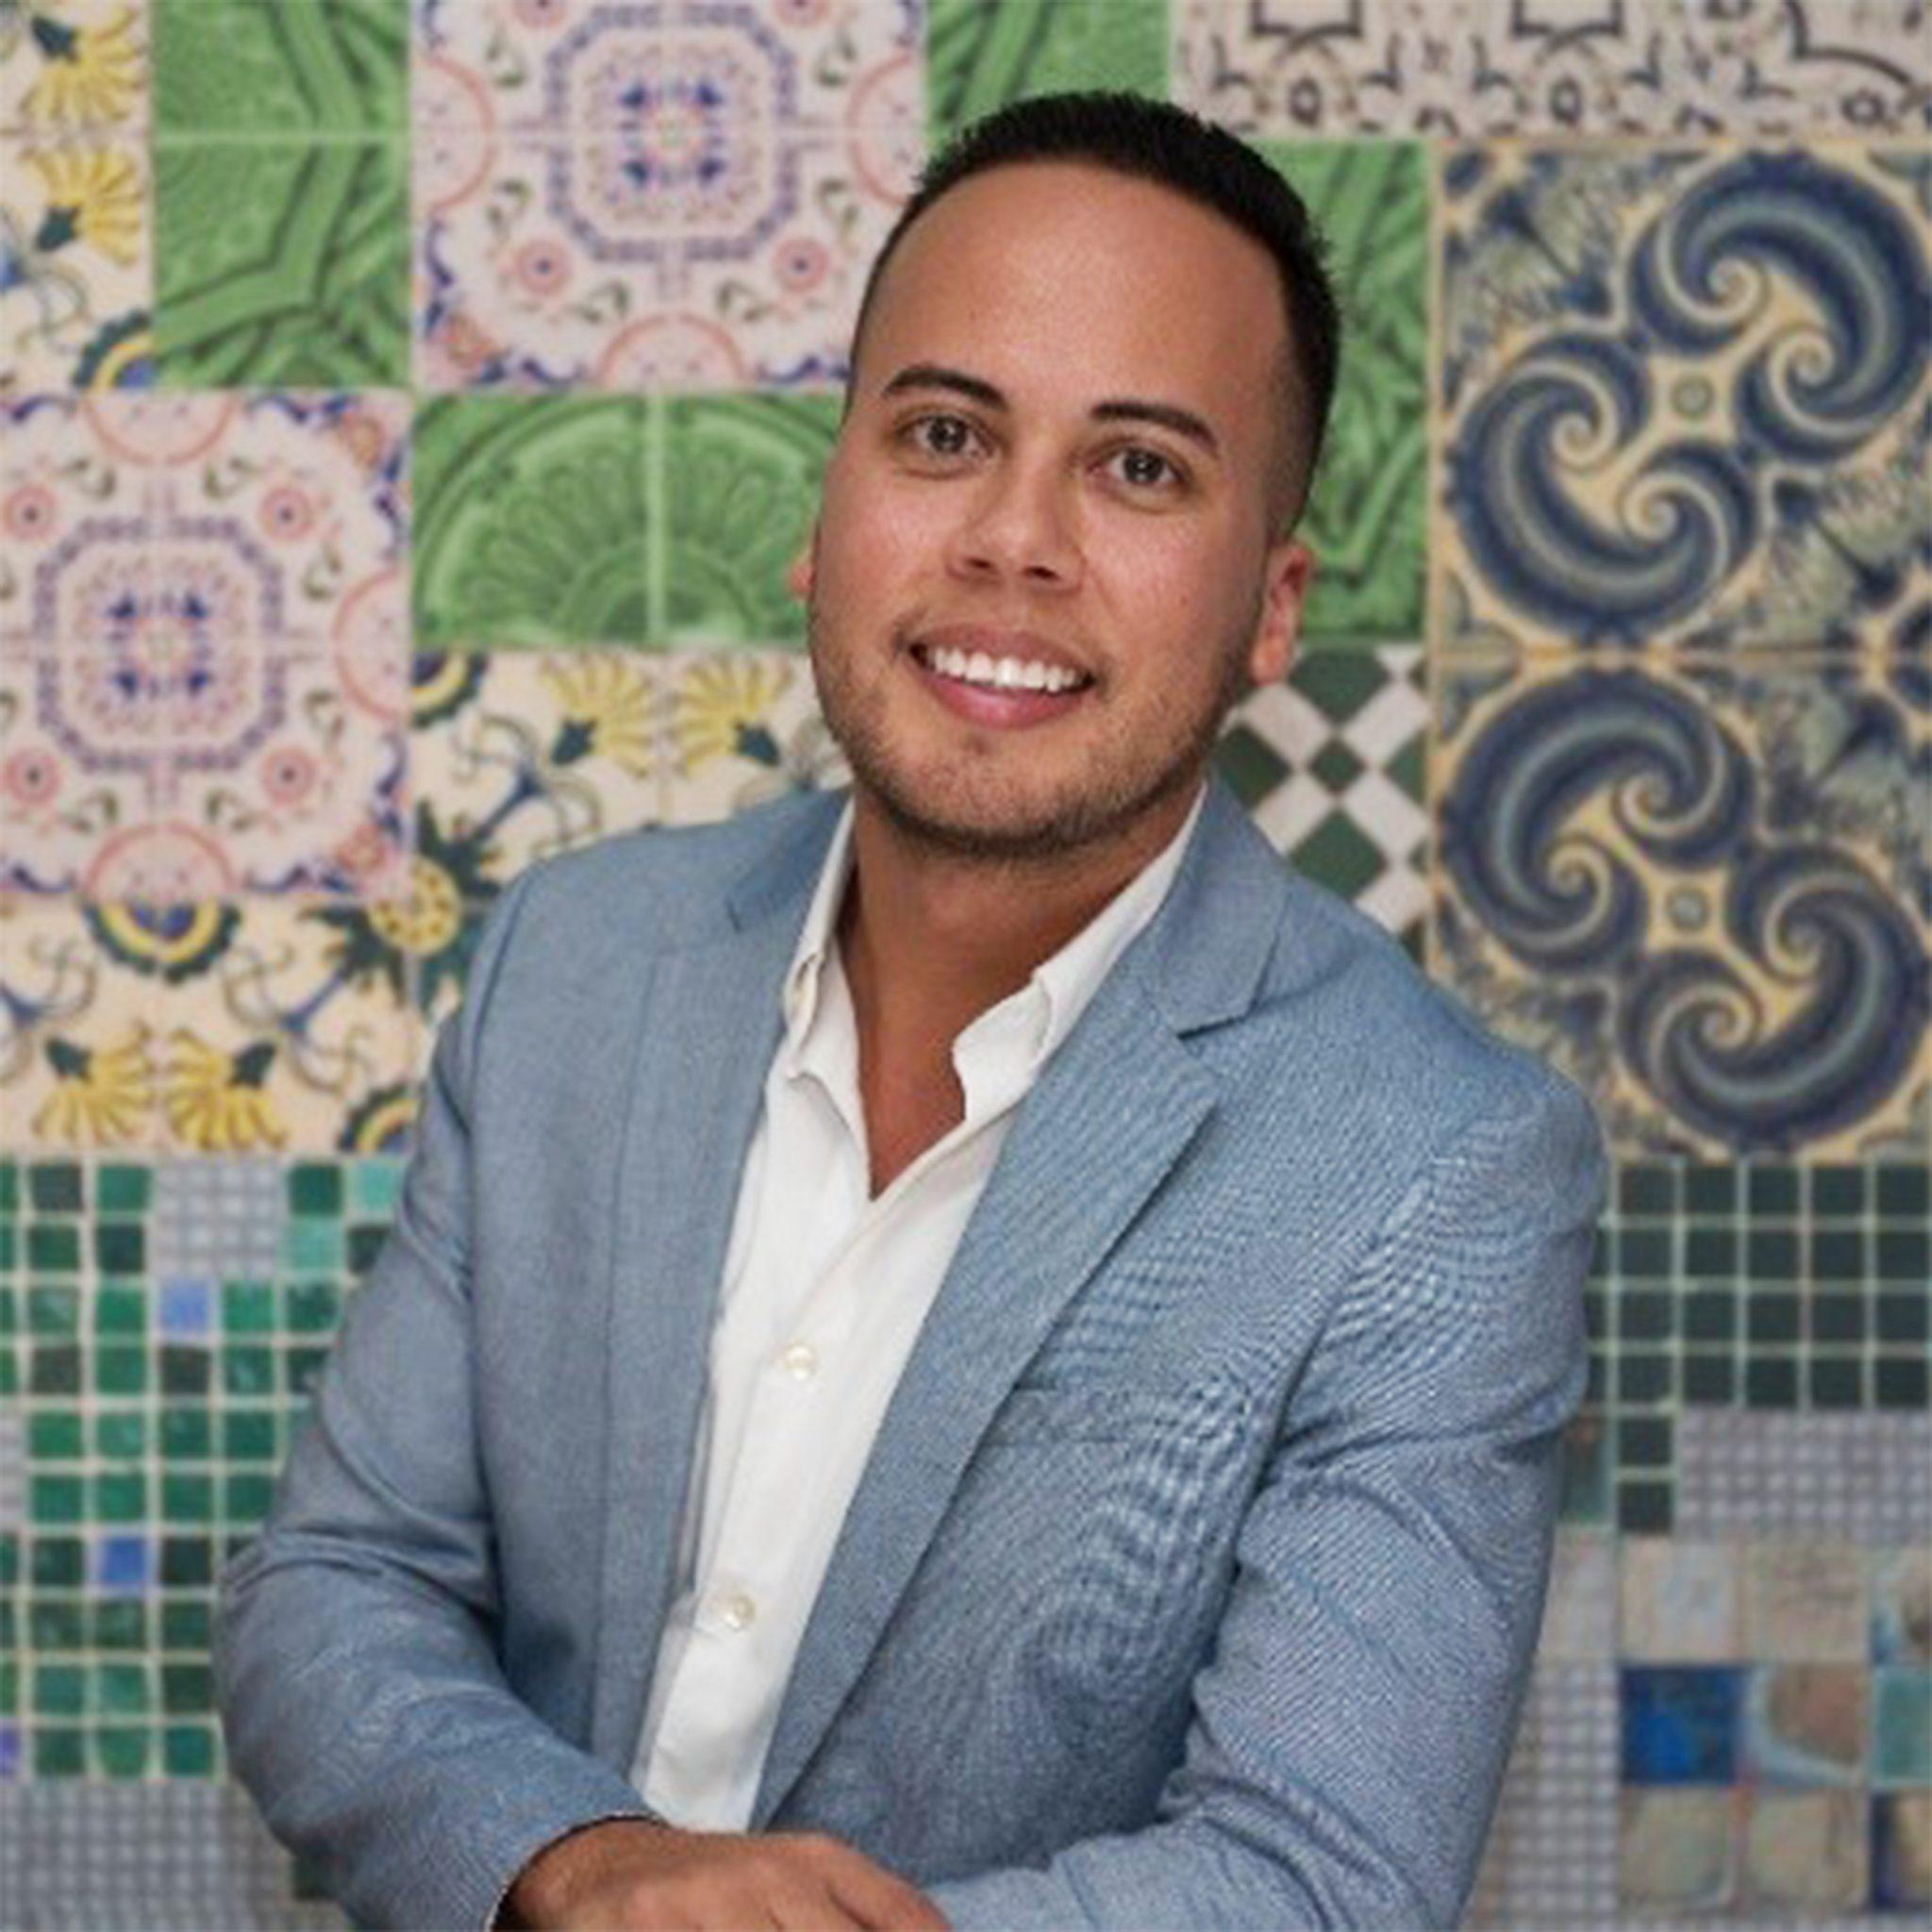 Steven Burgos